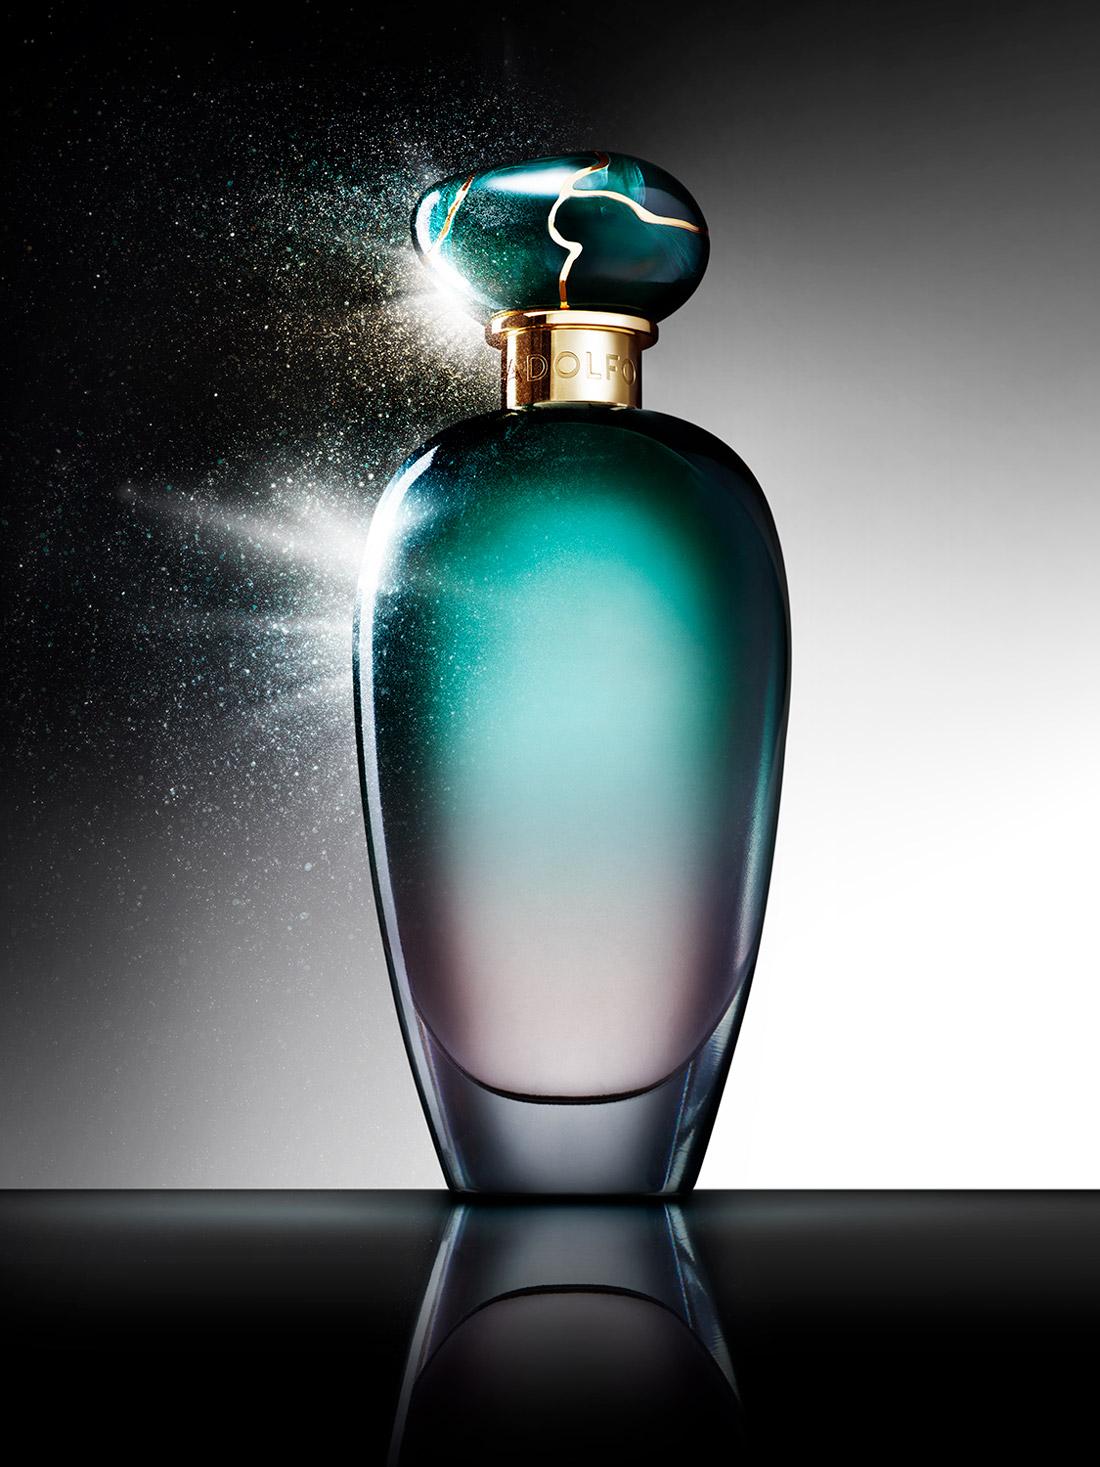 Nica nuevo perfume de adolfo dom nguez for Adolfo dominguez nuevo